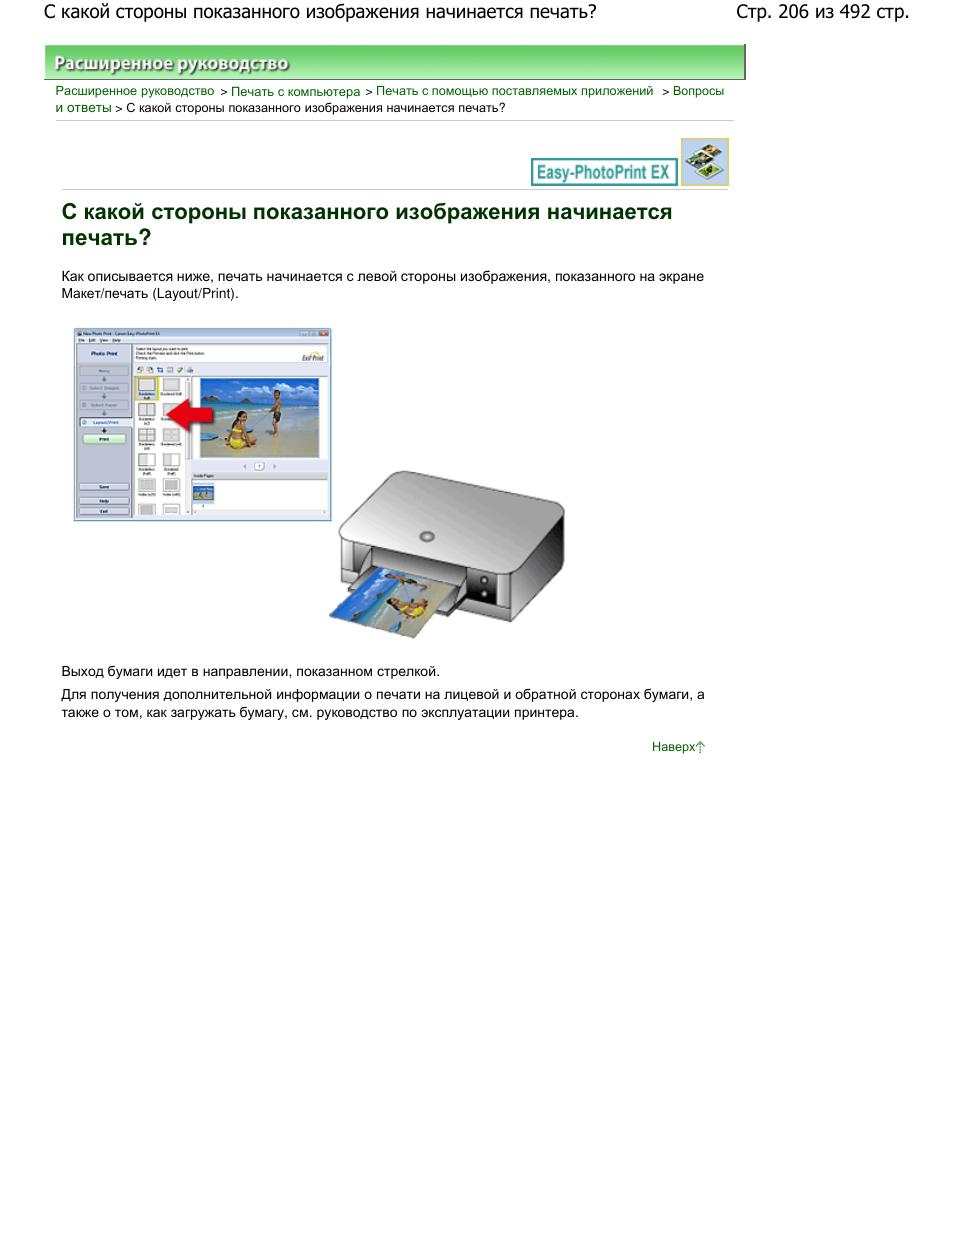 принтер canon mp252 инструкция по применению скачать